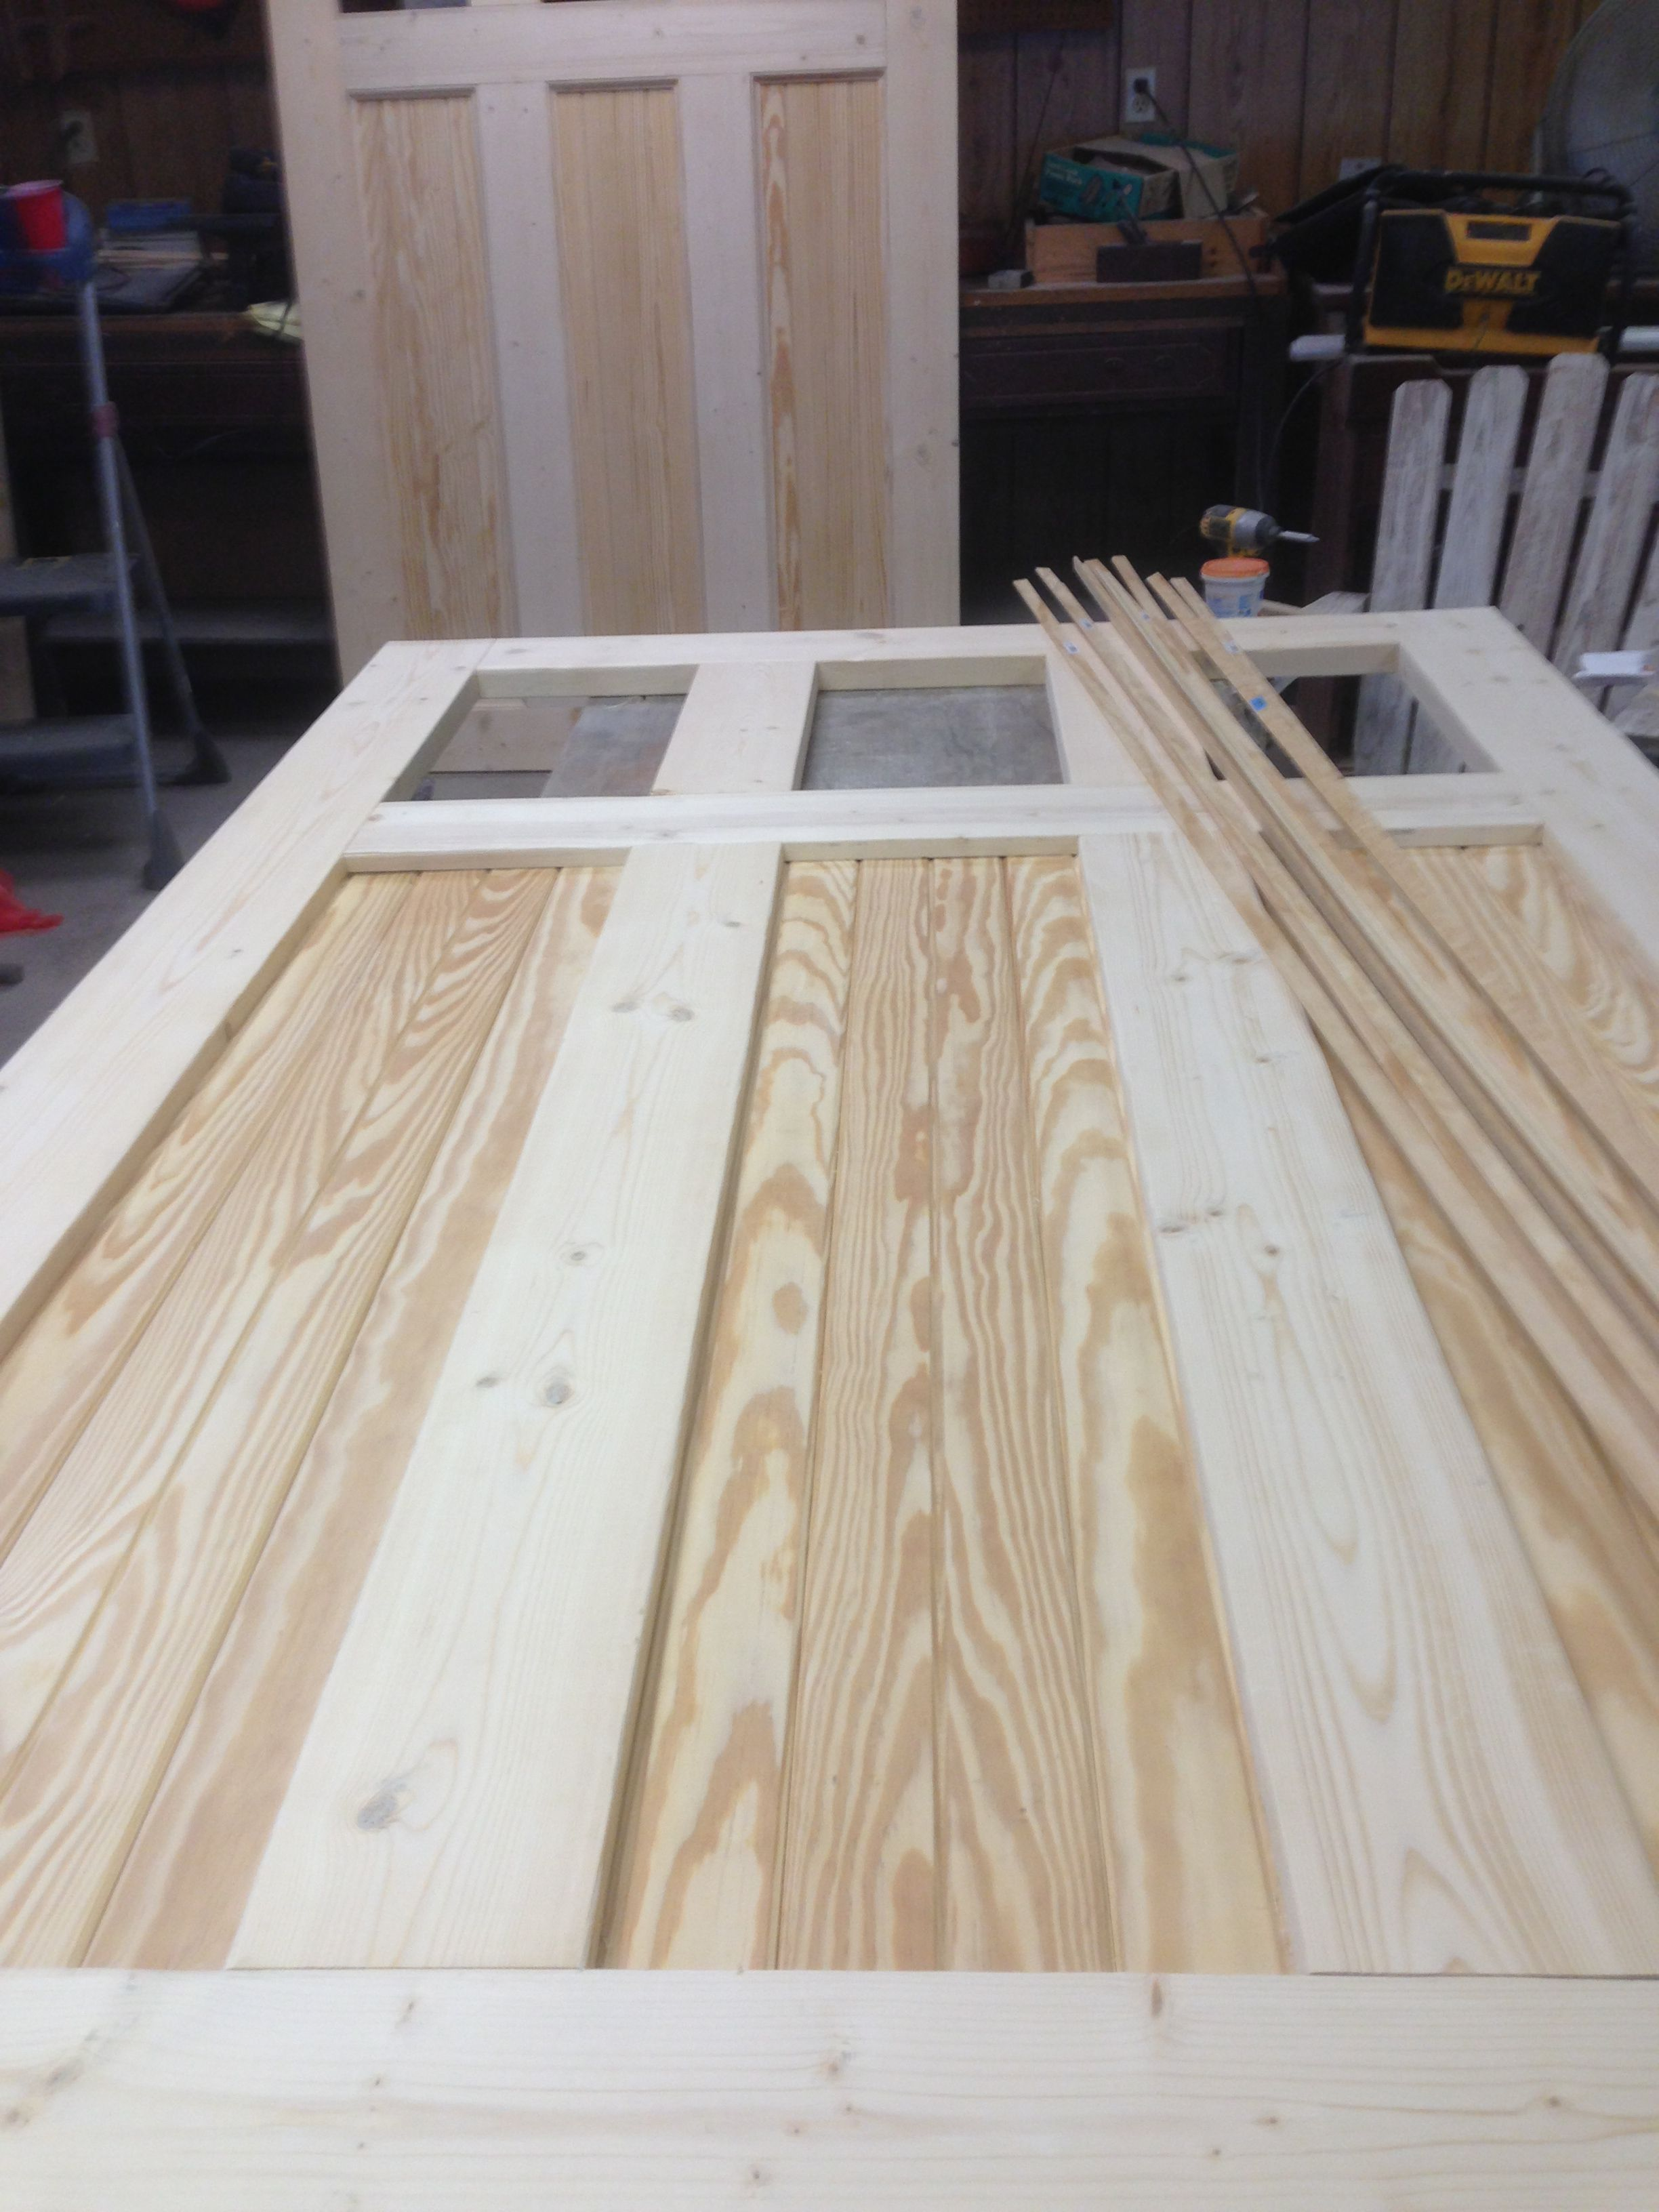 Wood Carriage Doors Woodworking In 2019 Diy Garage